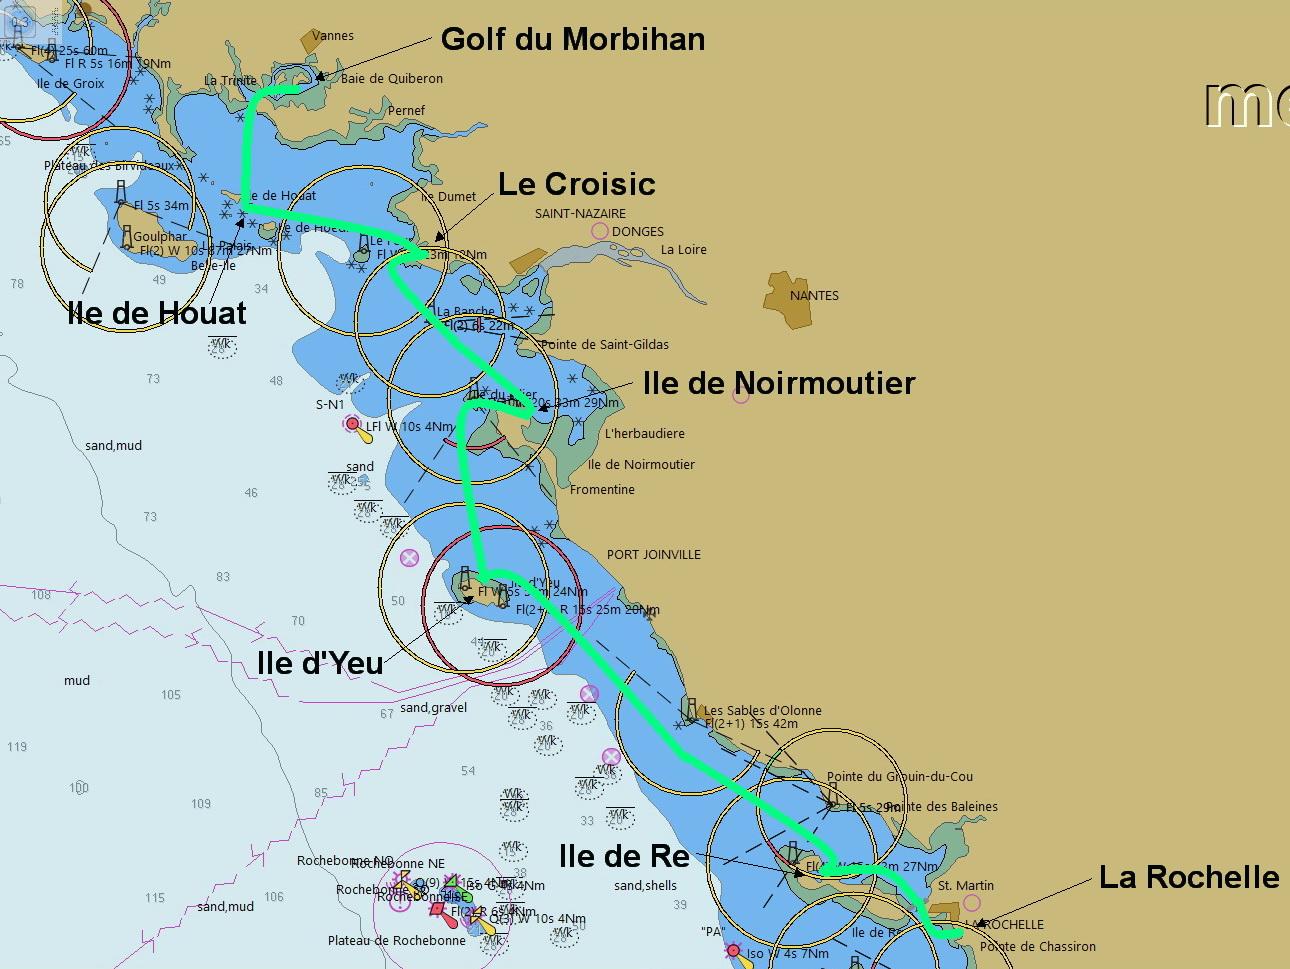 Van Golf du Morbihan naar La Rochelle